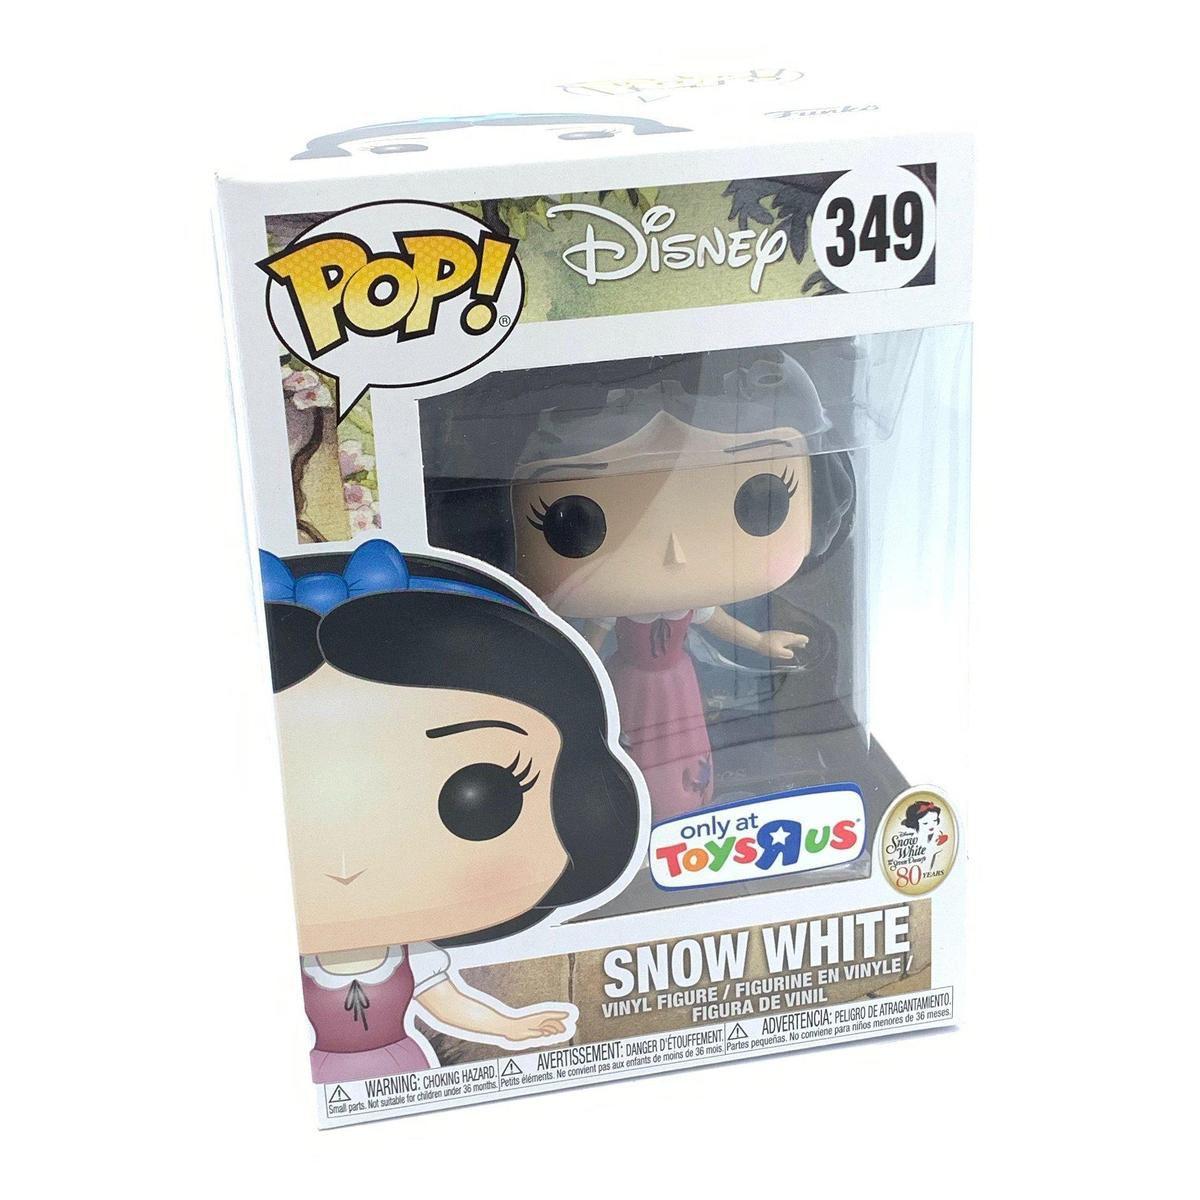 Funko Pop Snow White 349 Exclusiva Toys R Us  - Game Land Brinquedos